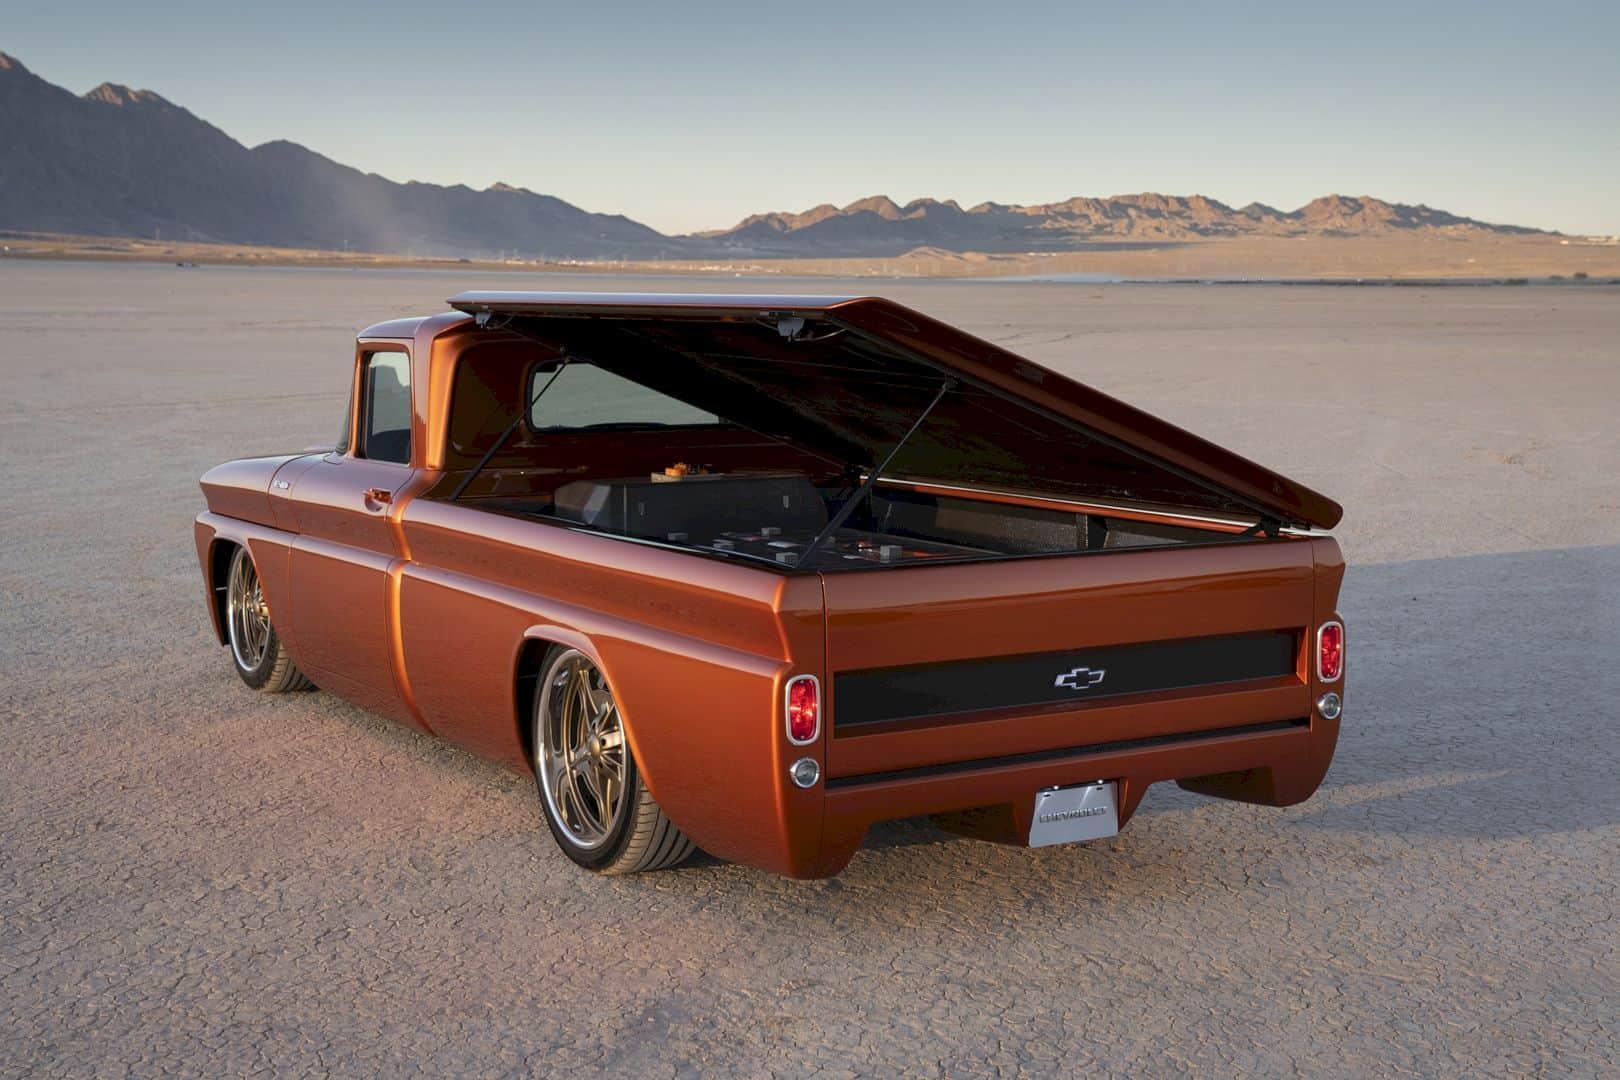 Chevrolet E 10 Concept Electrifies Hot Rodding World 6